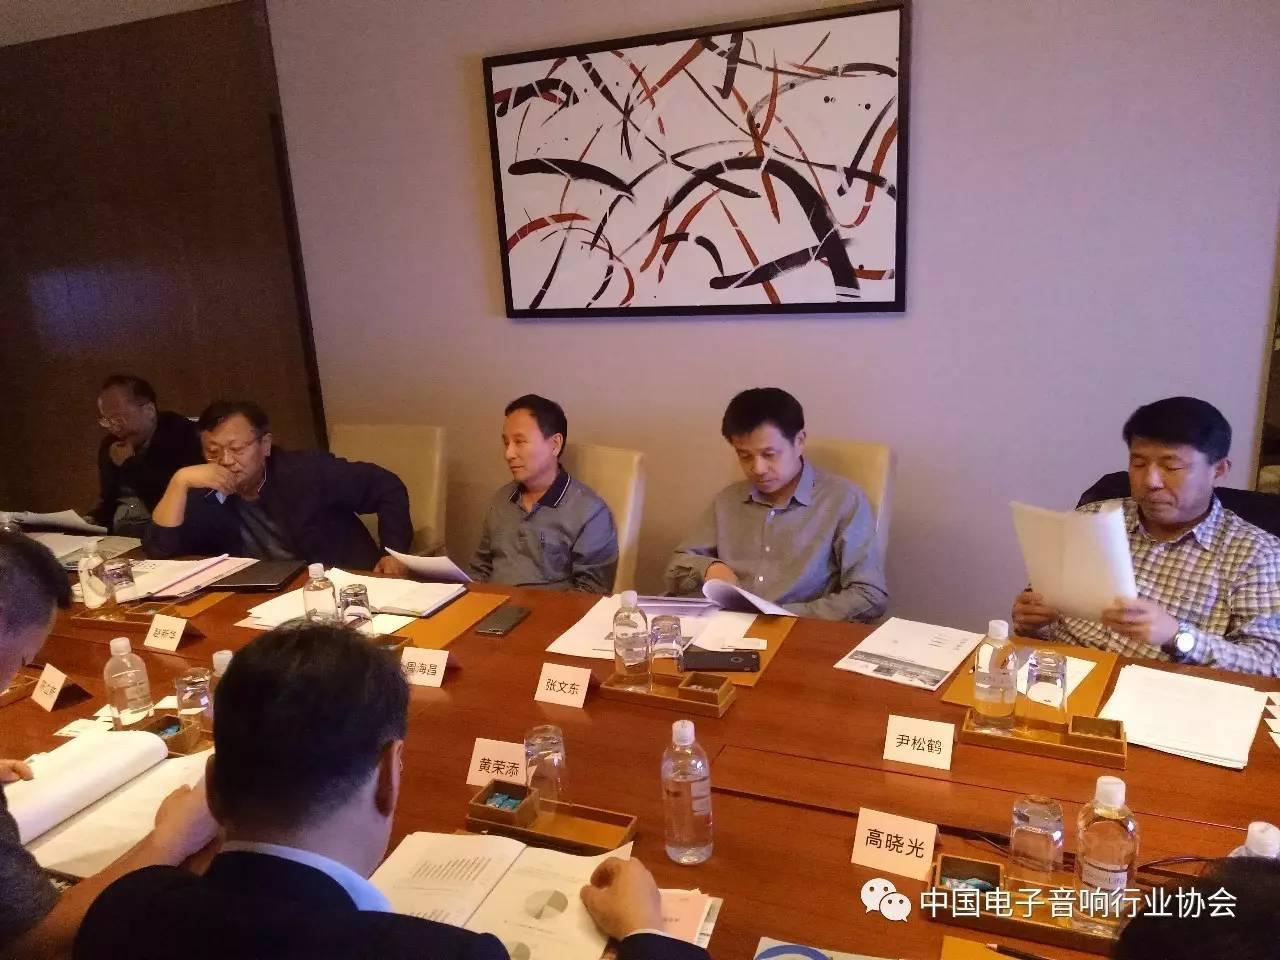 歌尔股份有限公司副总裁高晓光列席了会议.会议由陈立新秘书长主持.